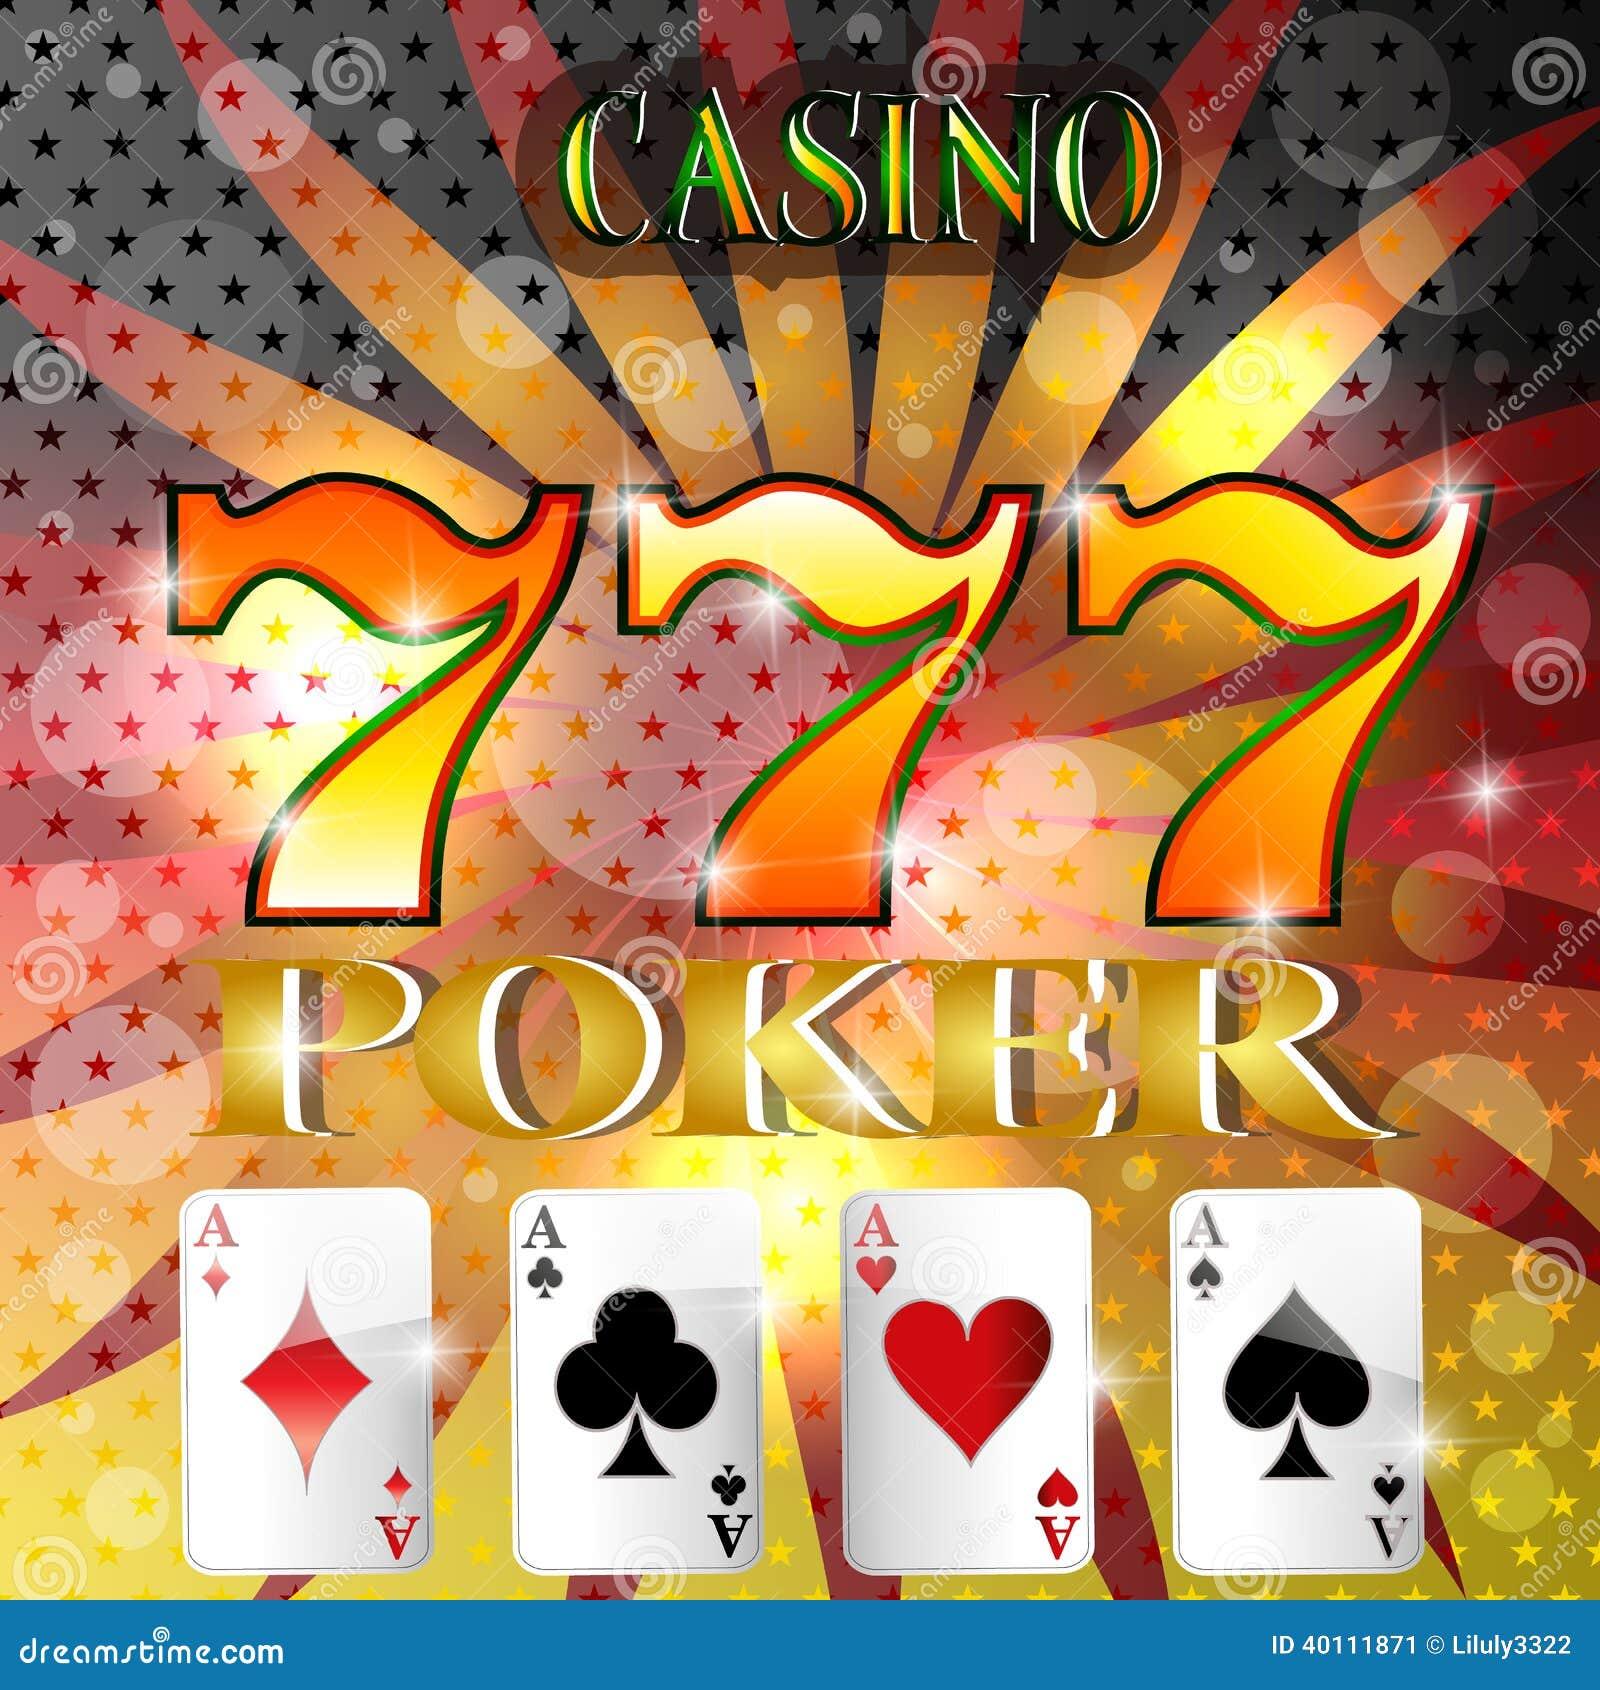 Good Luck 29076